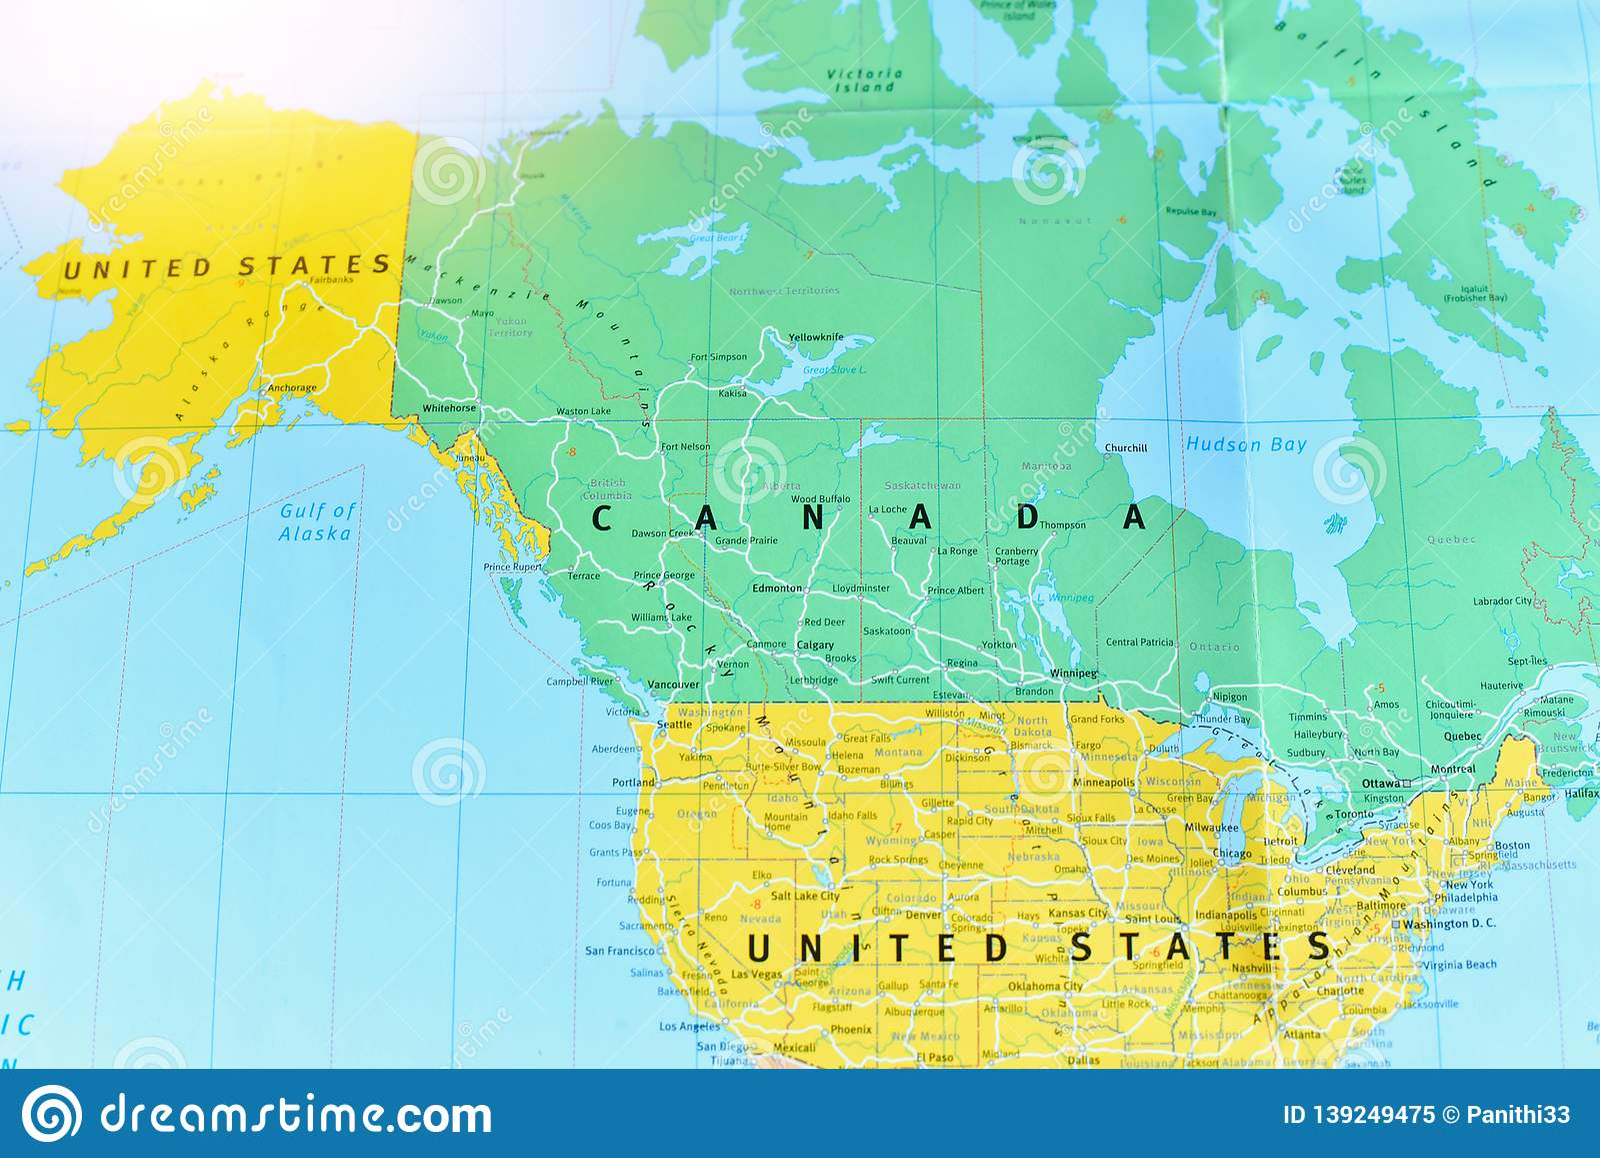 La Cartina Geografica Degli Stati Uniti.Mappa Politica Del Canada E Degli Stati Uniti Immagine Stock Immagine Di Internazionale Atlante 139249475